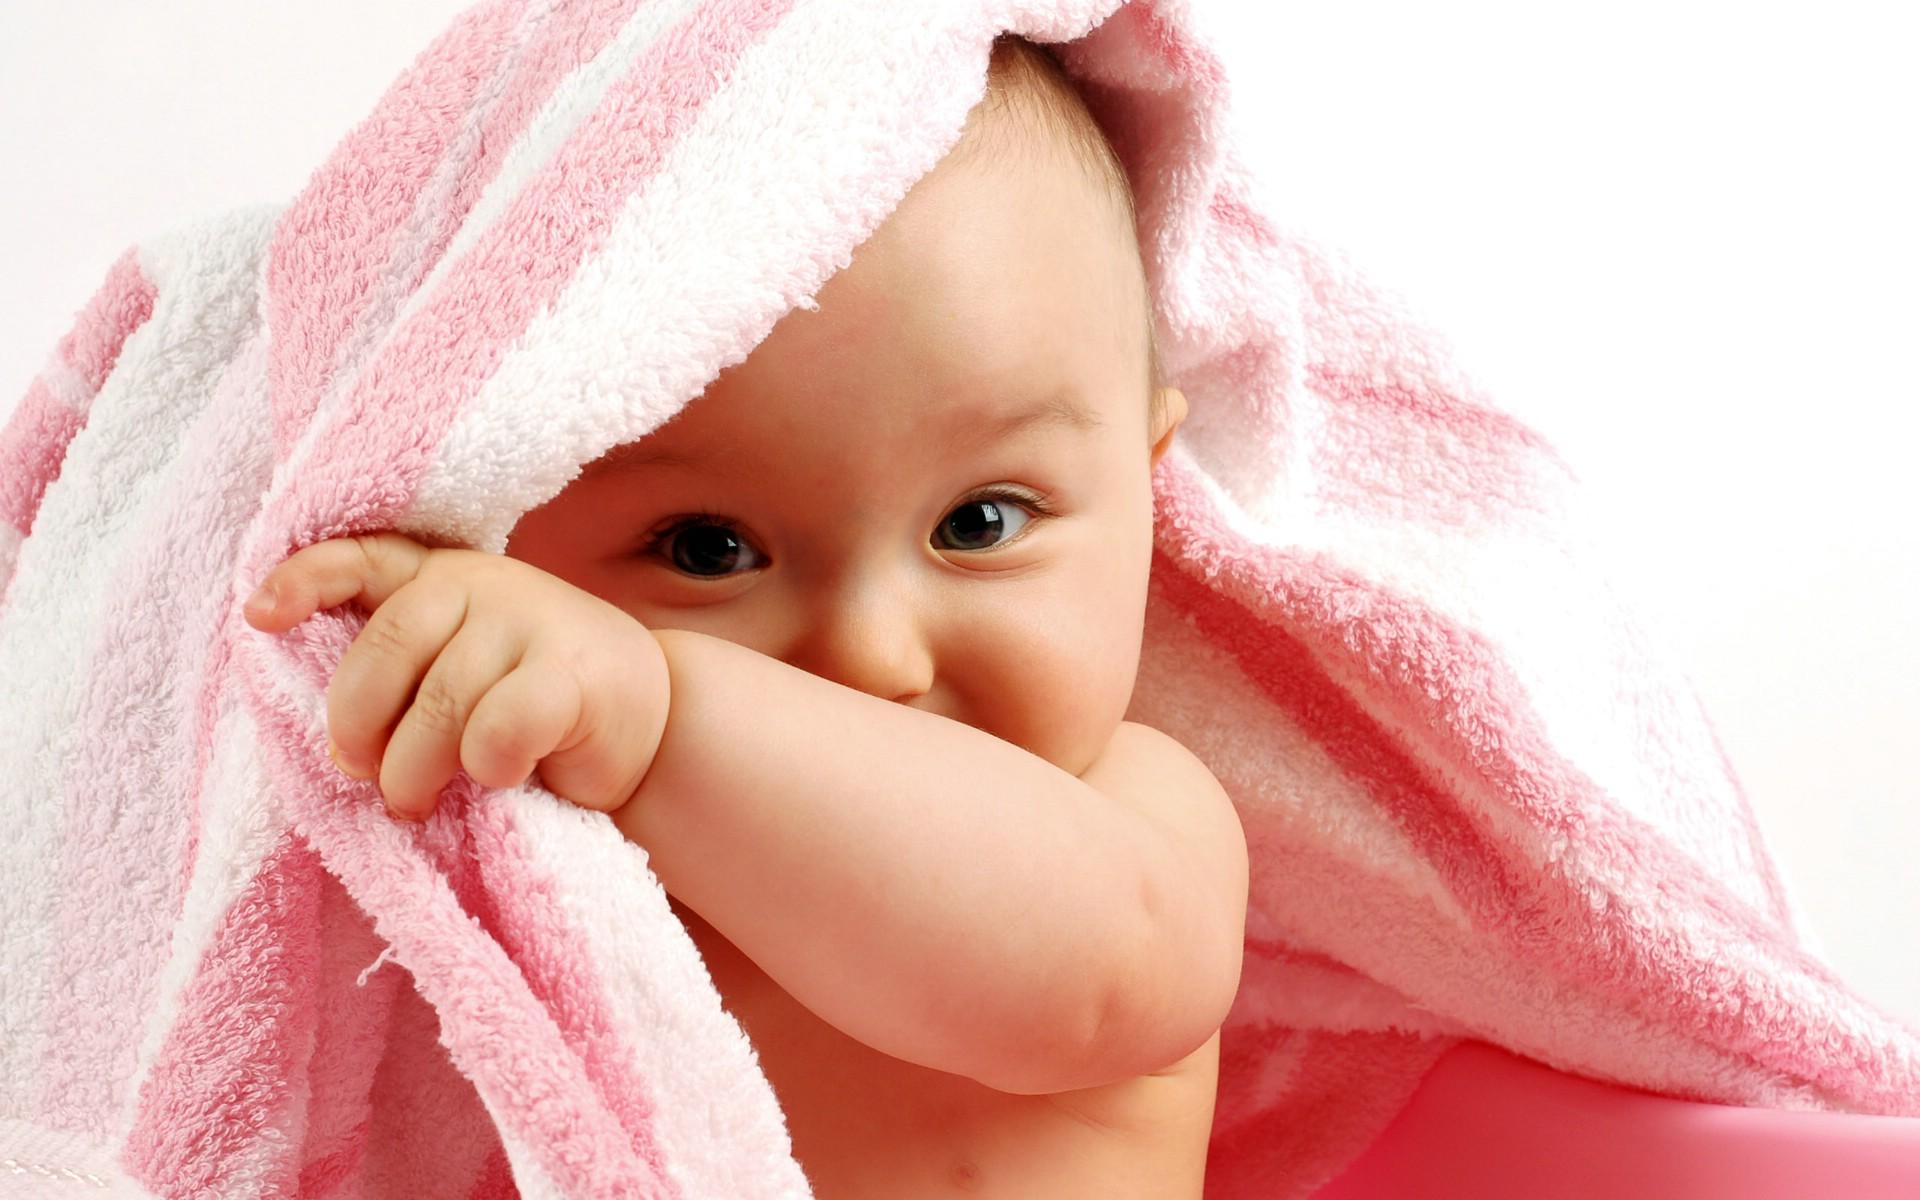 漂亮小宝宝桌面图片_漂亮婴儿电脑桌面壁纸_漂亮婴儿电脑桌面壁纸高清图片